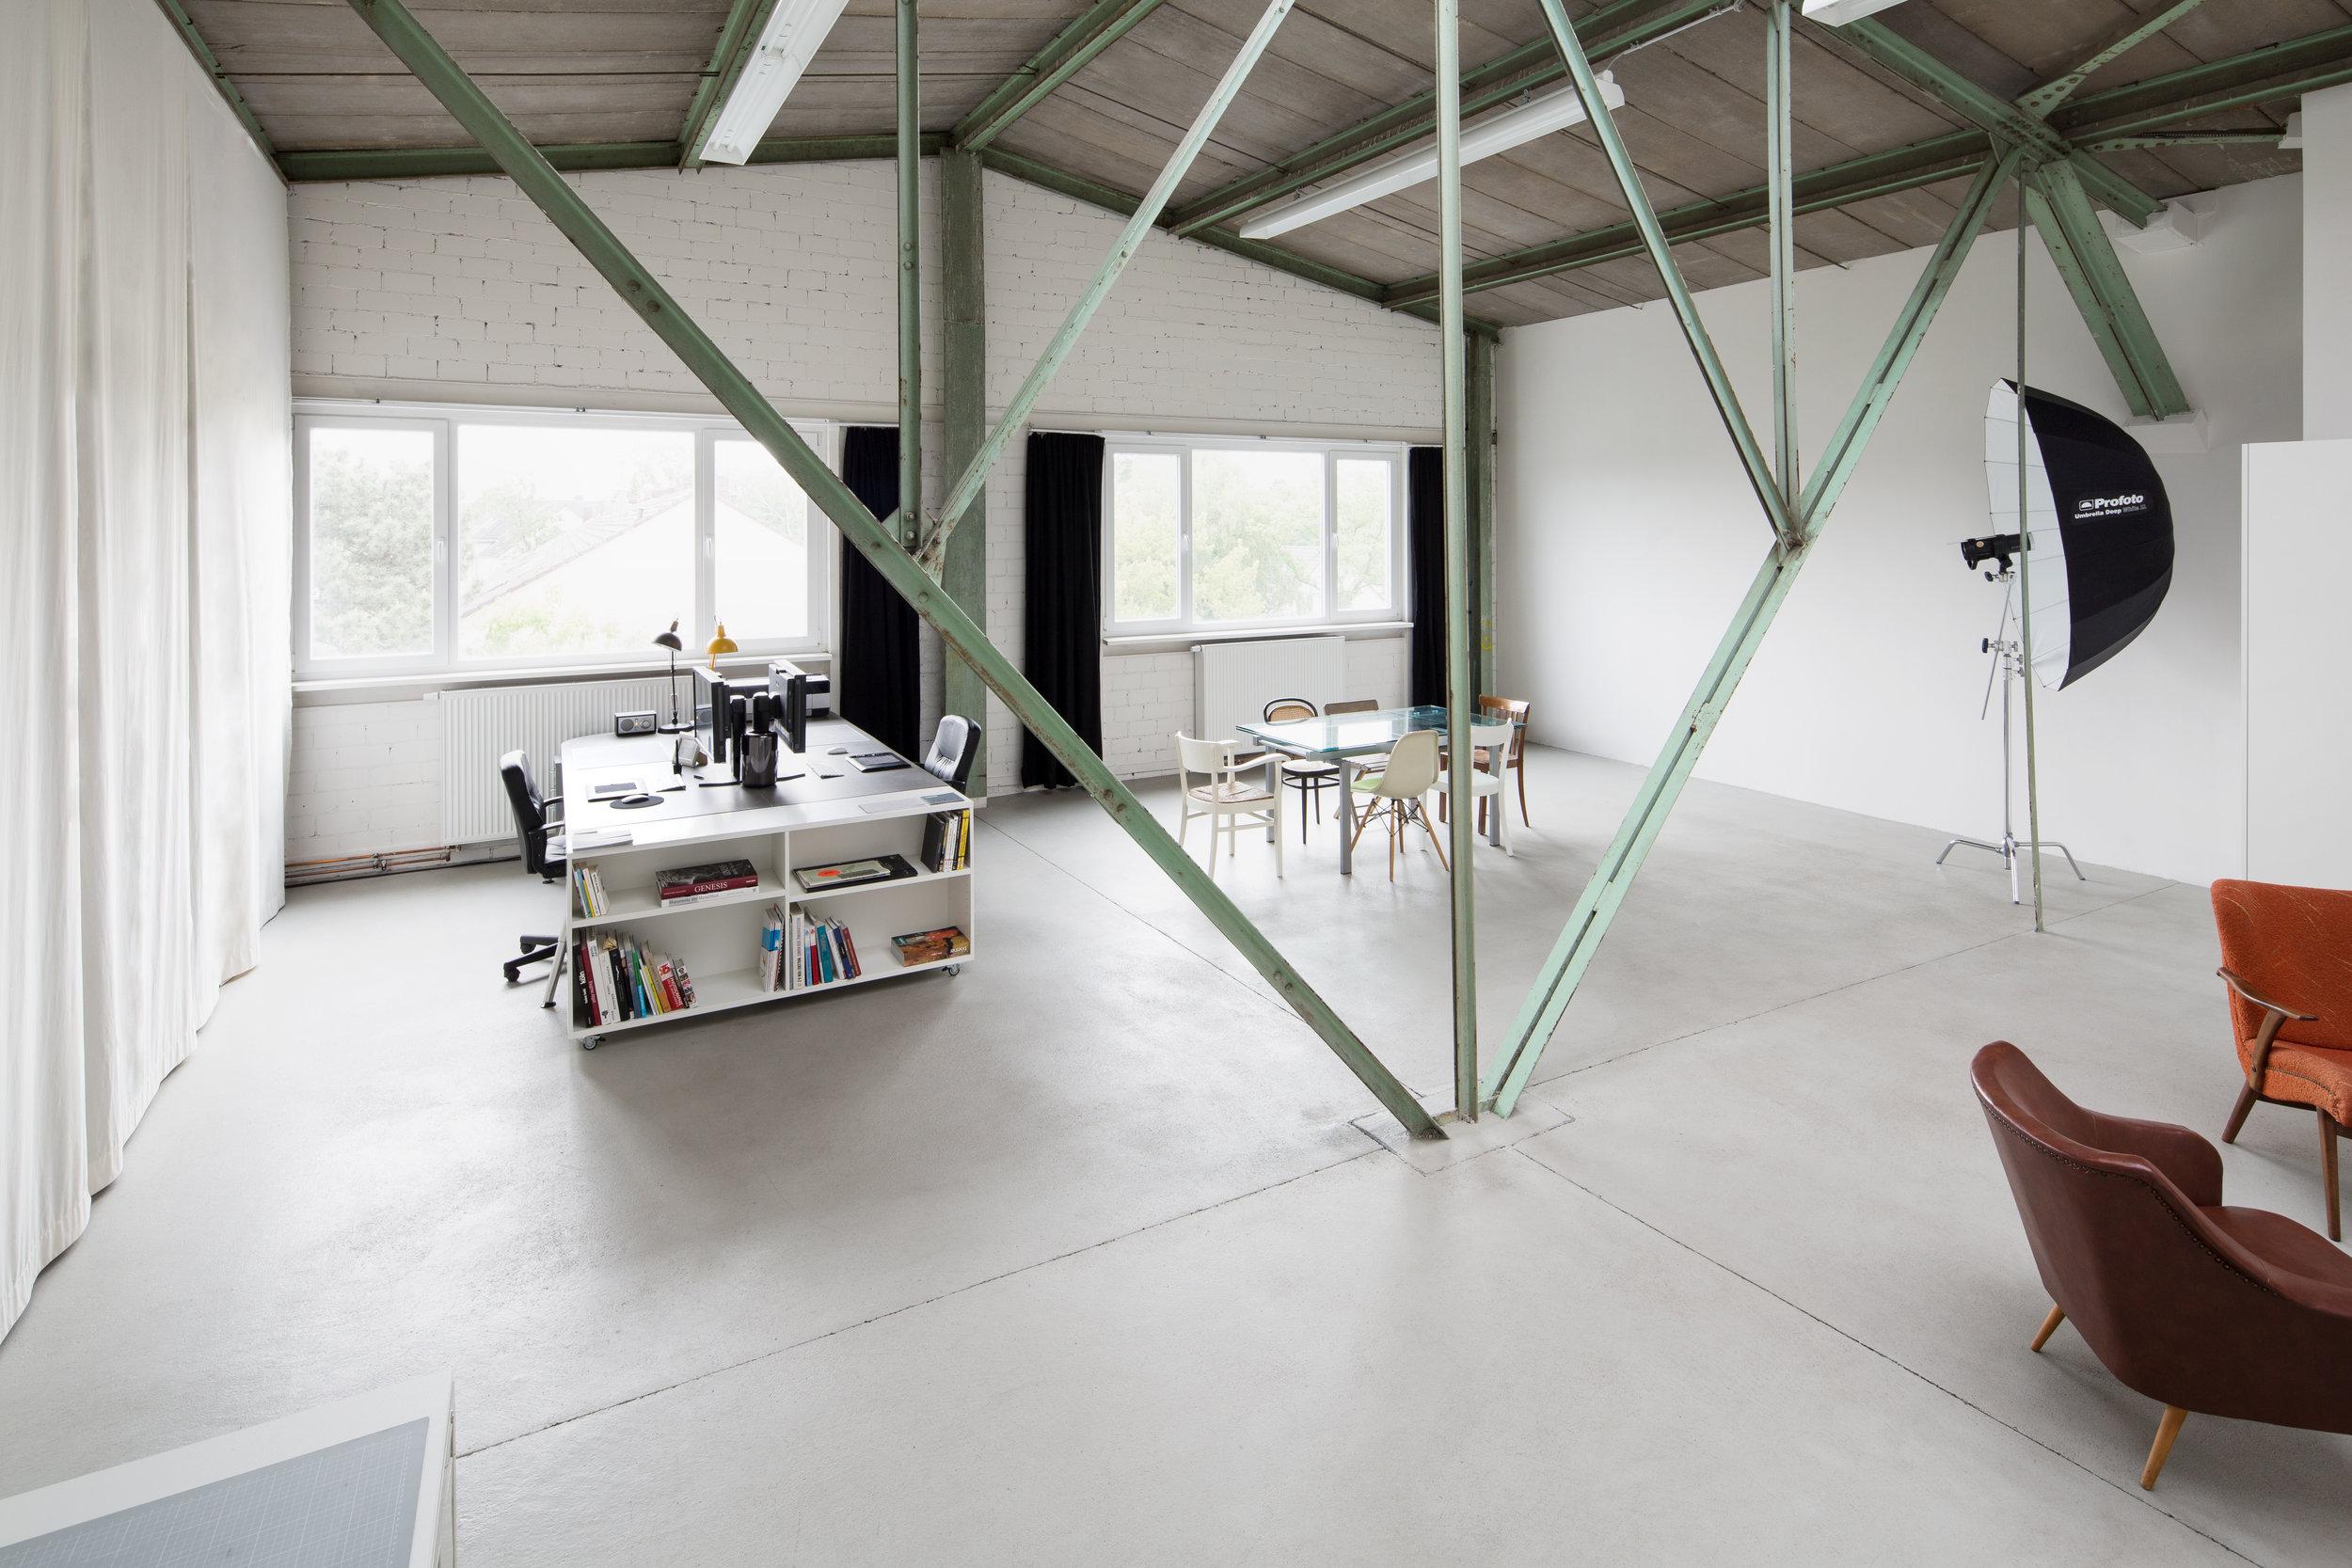 studio_shschroeder_1